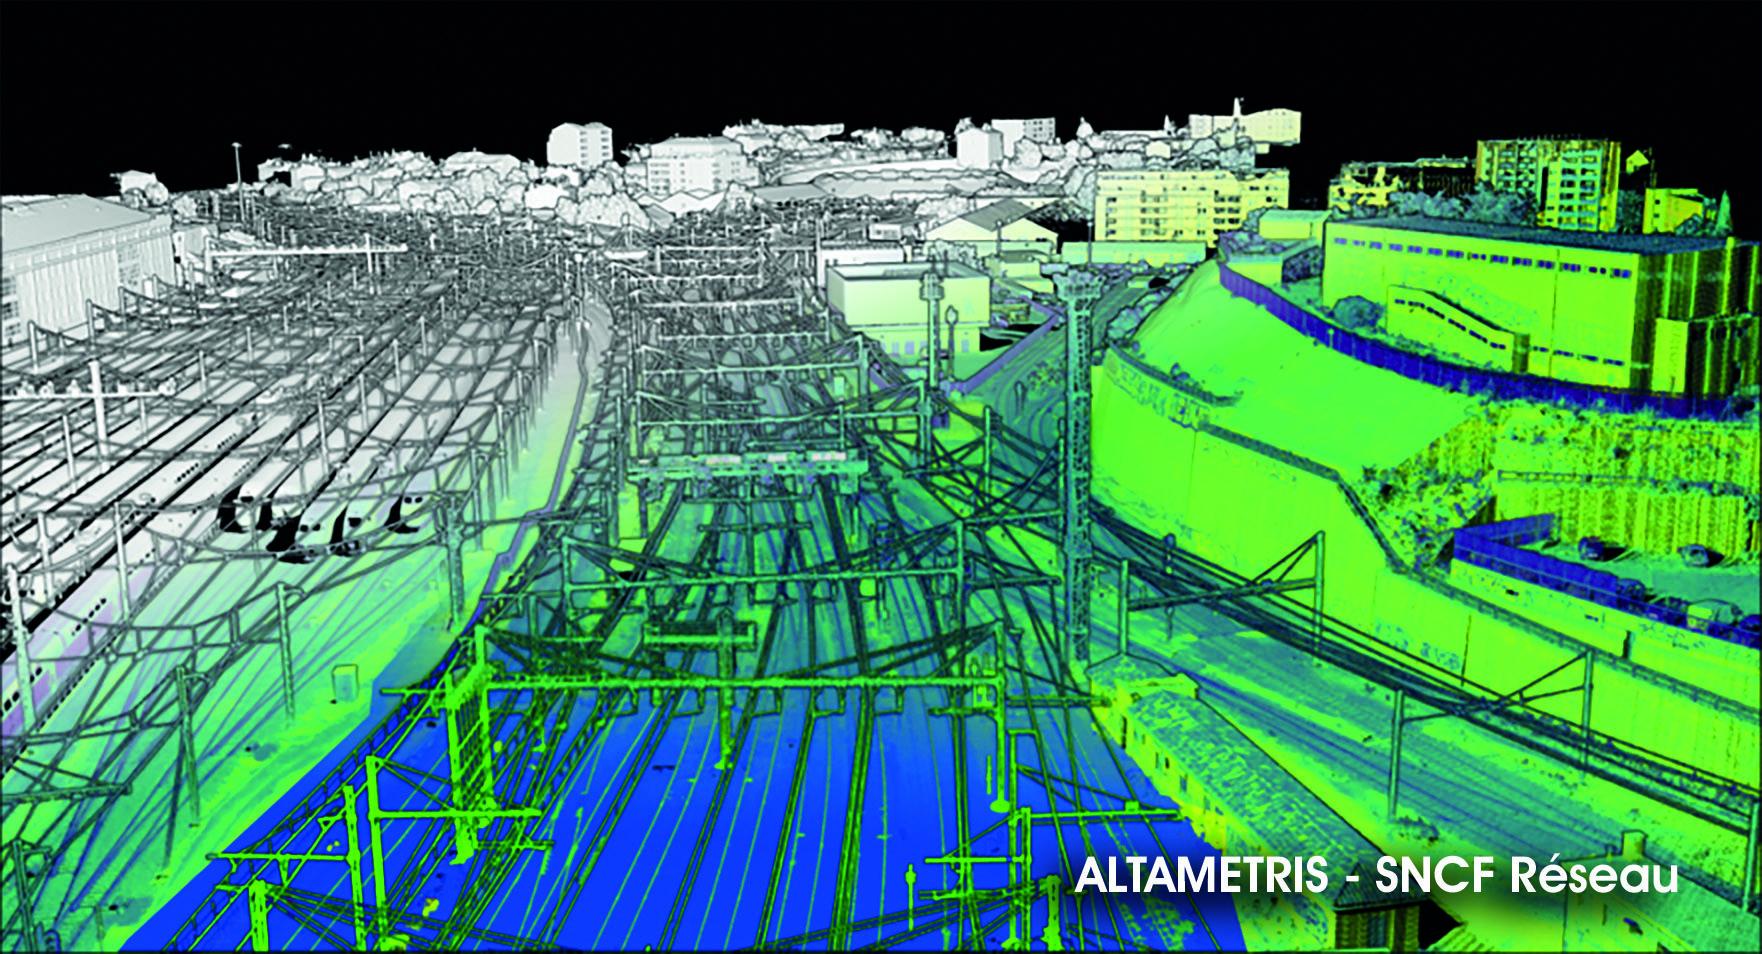 VMX-RAIL Scan Data, Altametris, SNCF Réseau